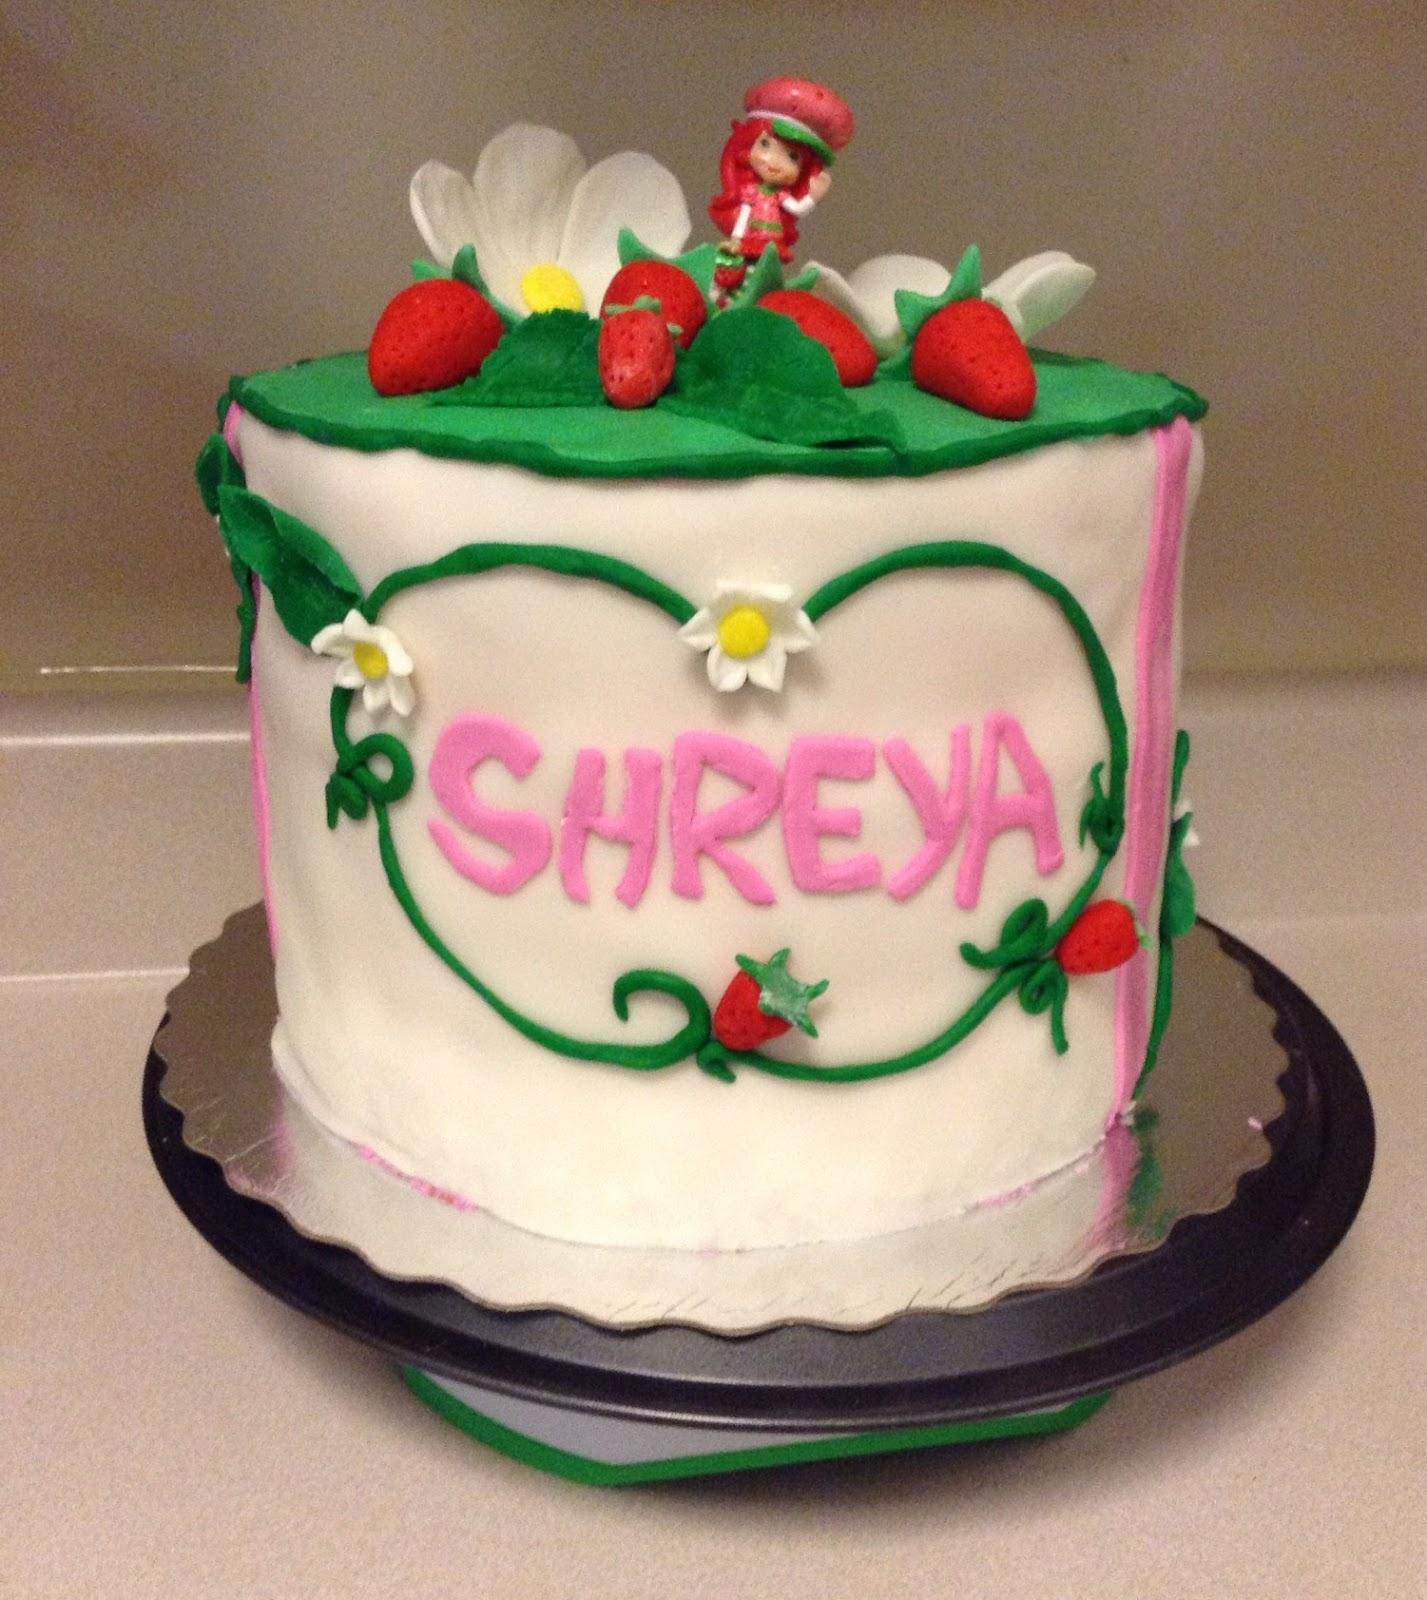 My Cakes N Crafts: Strawberry Shortcake Birthday Cake